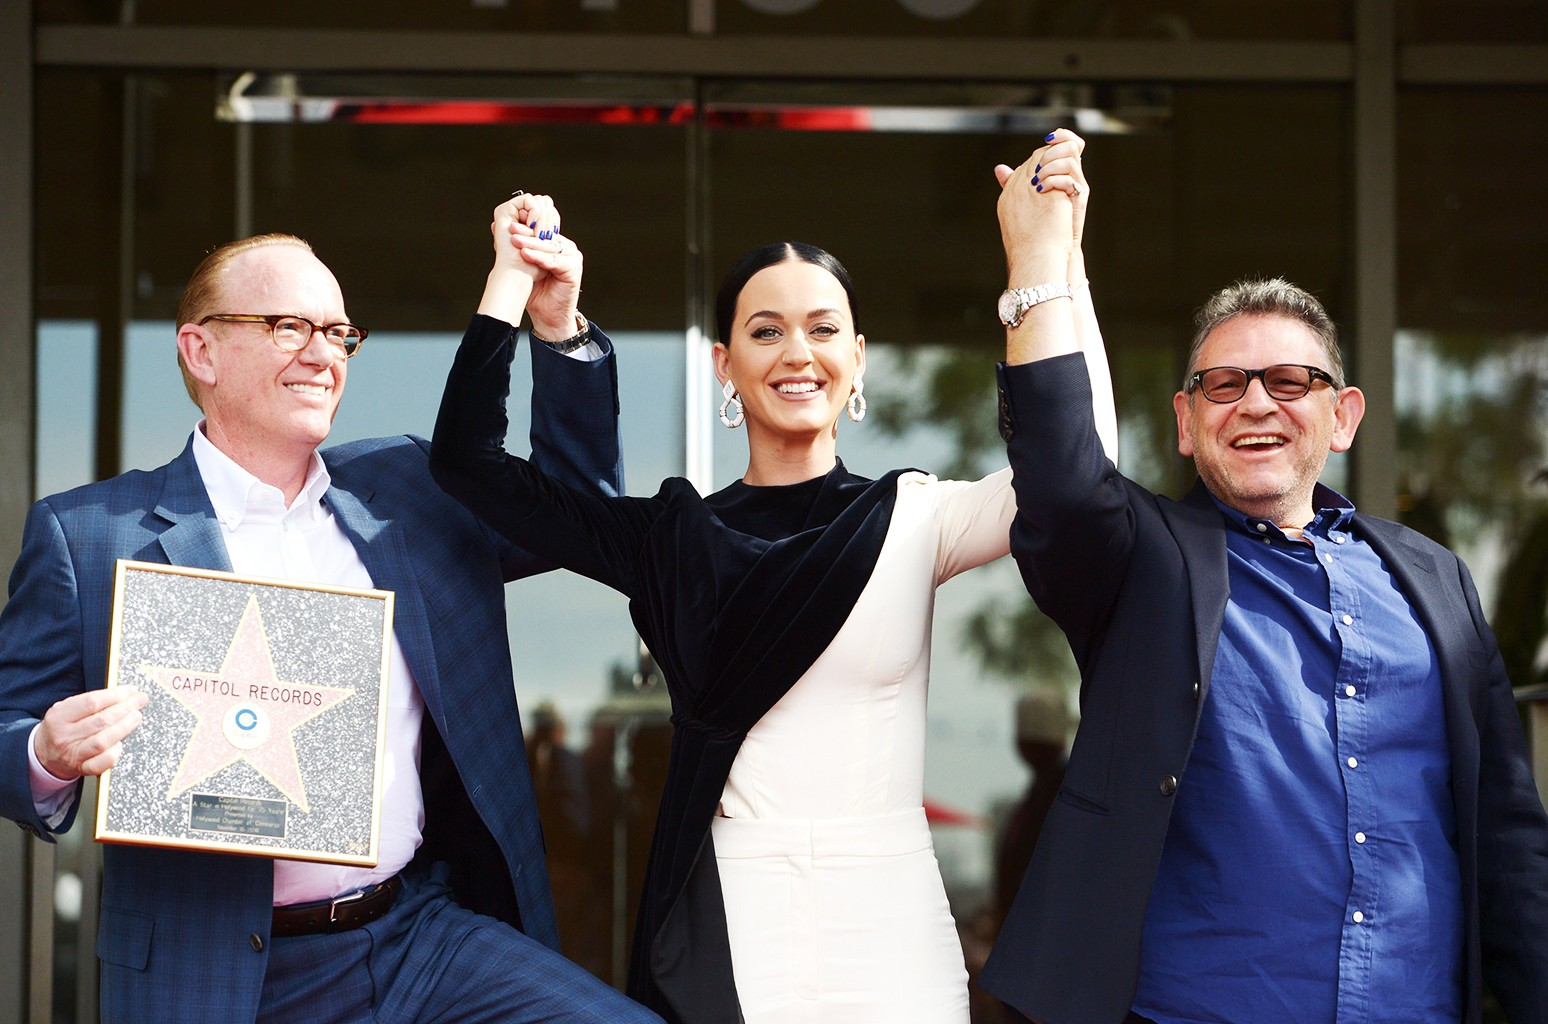 Steve Barnett, Katy Perry & Sir Lucian Grainge